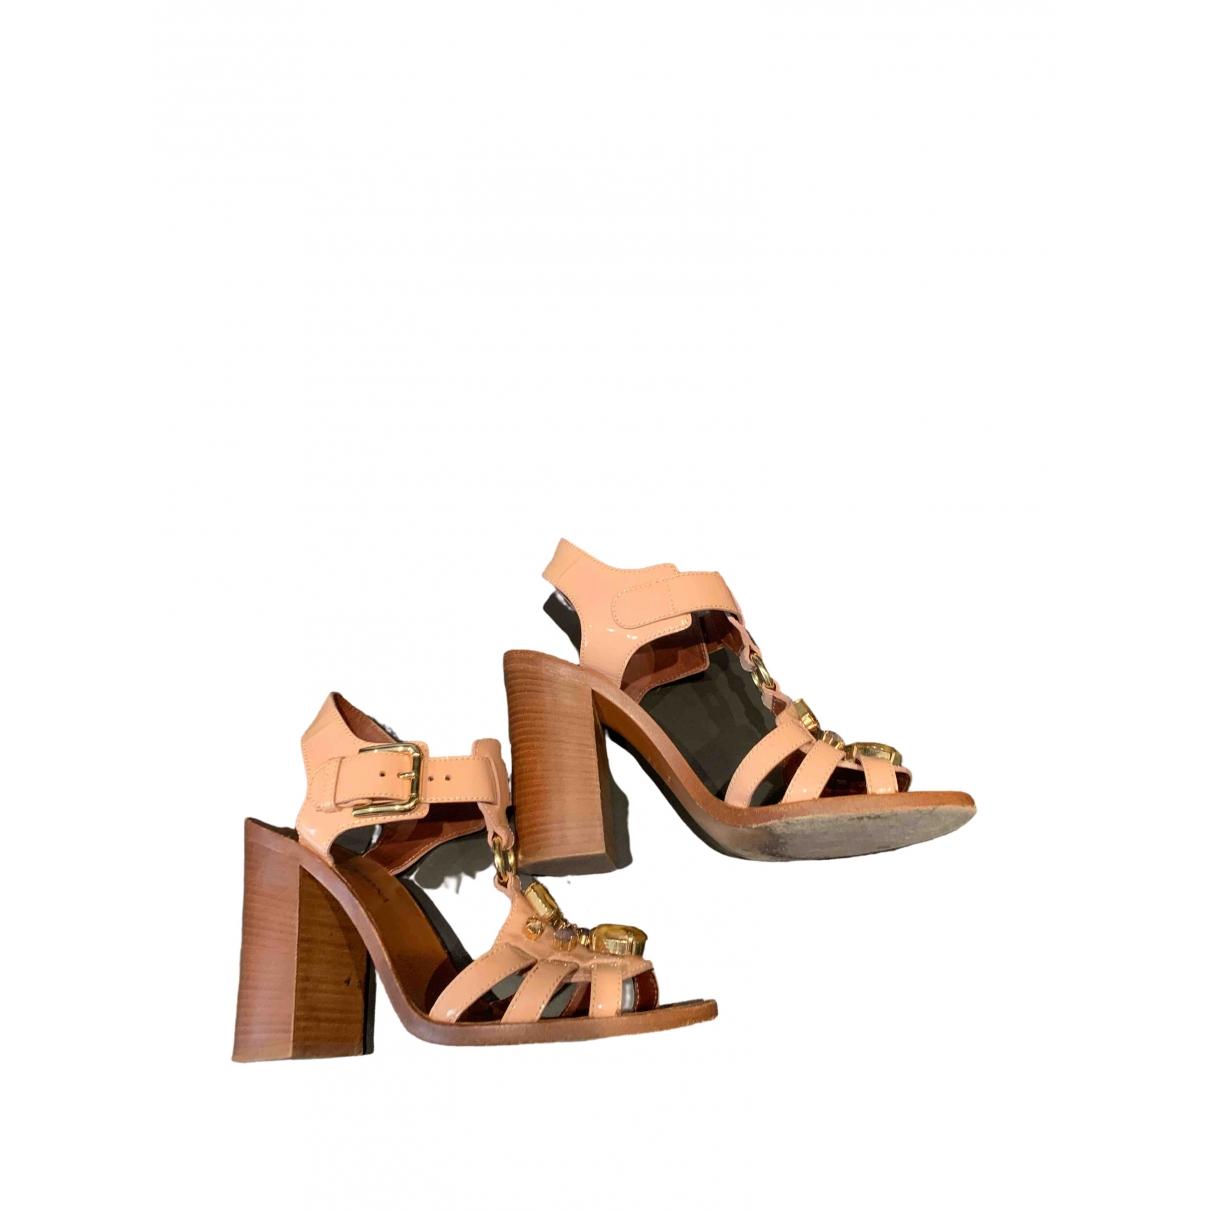 Dolce & Gabbana - Sandales   pour femme en cuir verni - beige